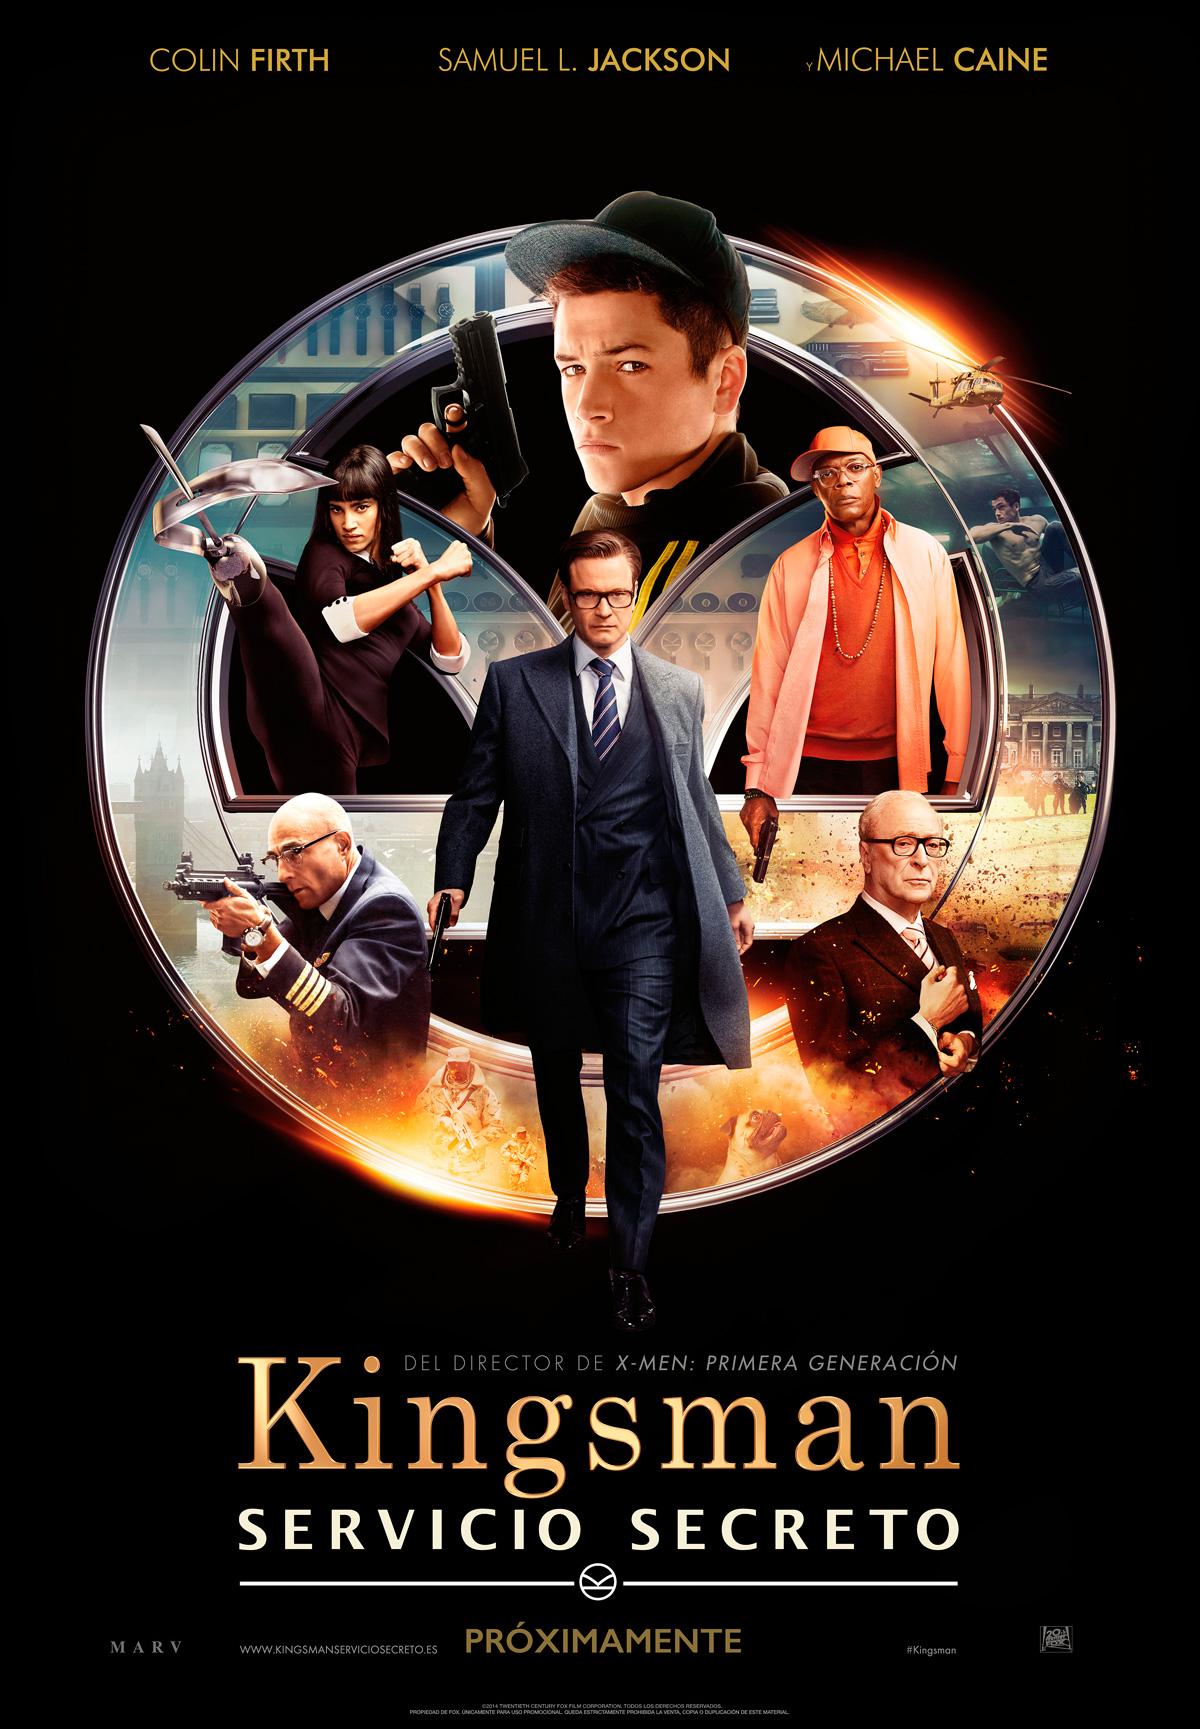 Kingsman Servicio Secreto Pelicula 2015 Sensacine Com